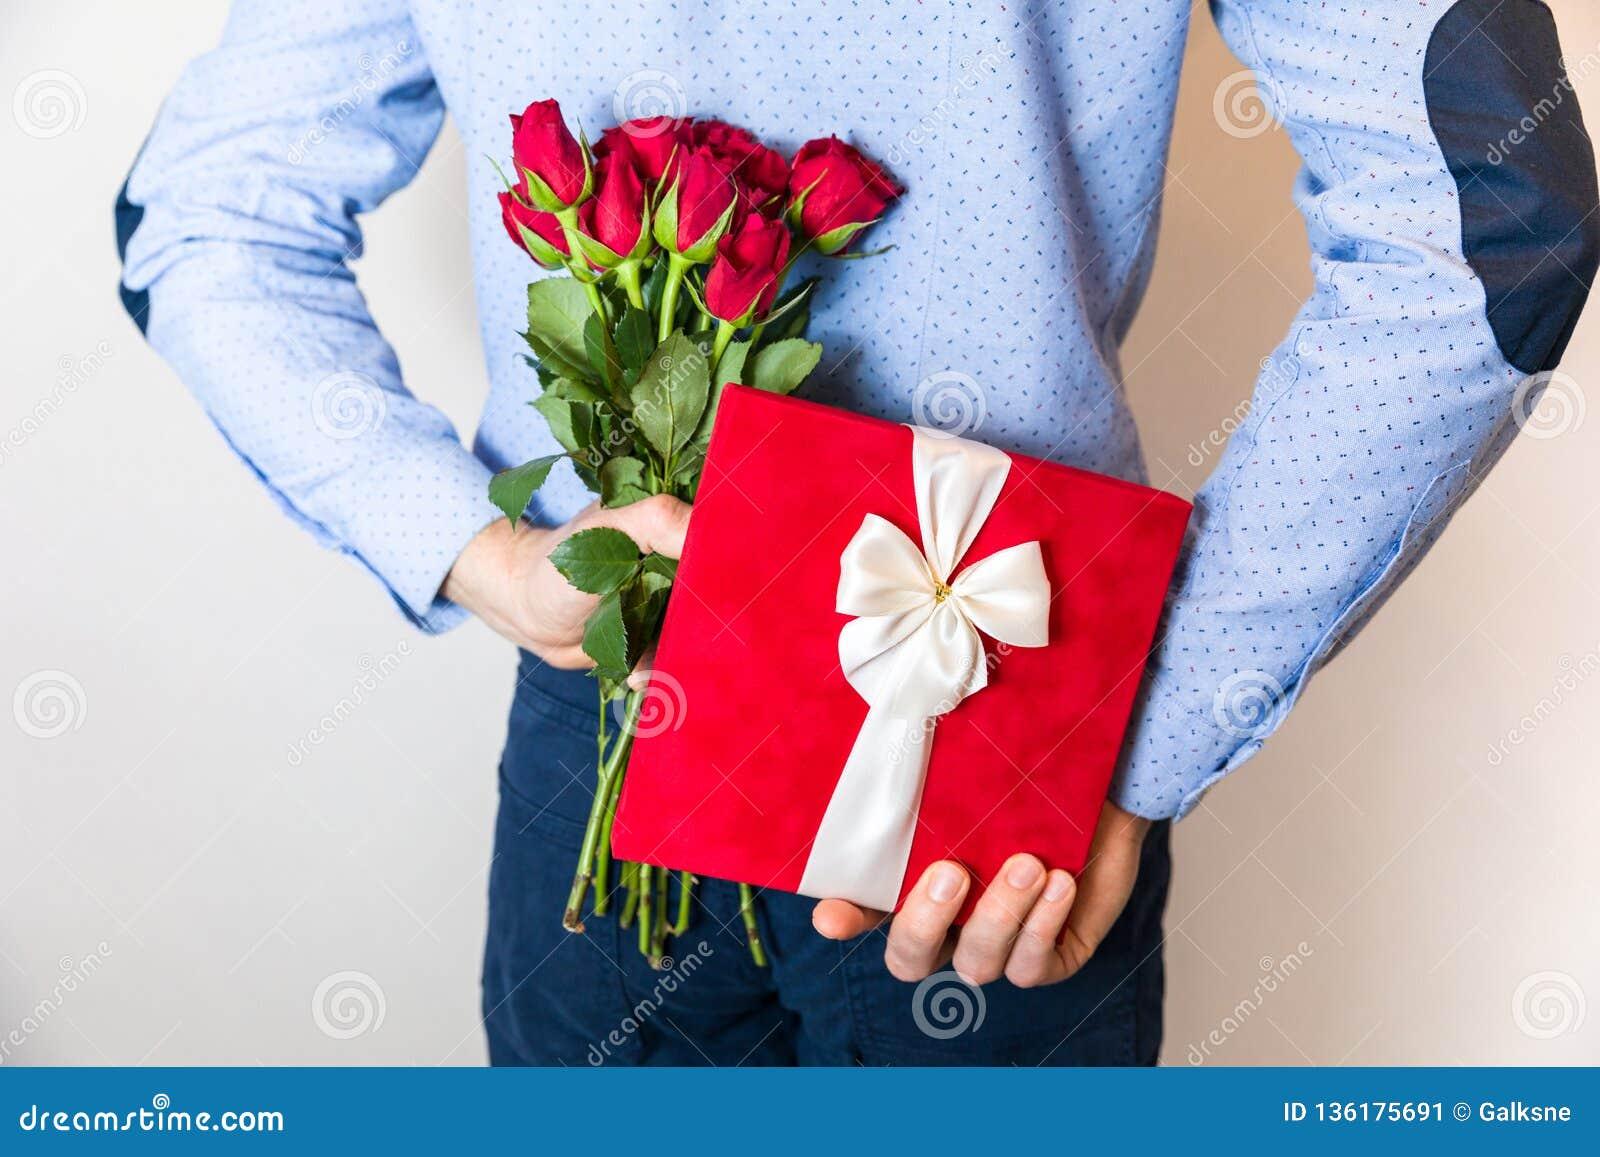 Сюрприз подарка дня Святого Валентина, подарок человека пряча и удержание букета красной розы